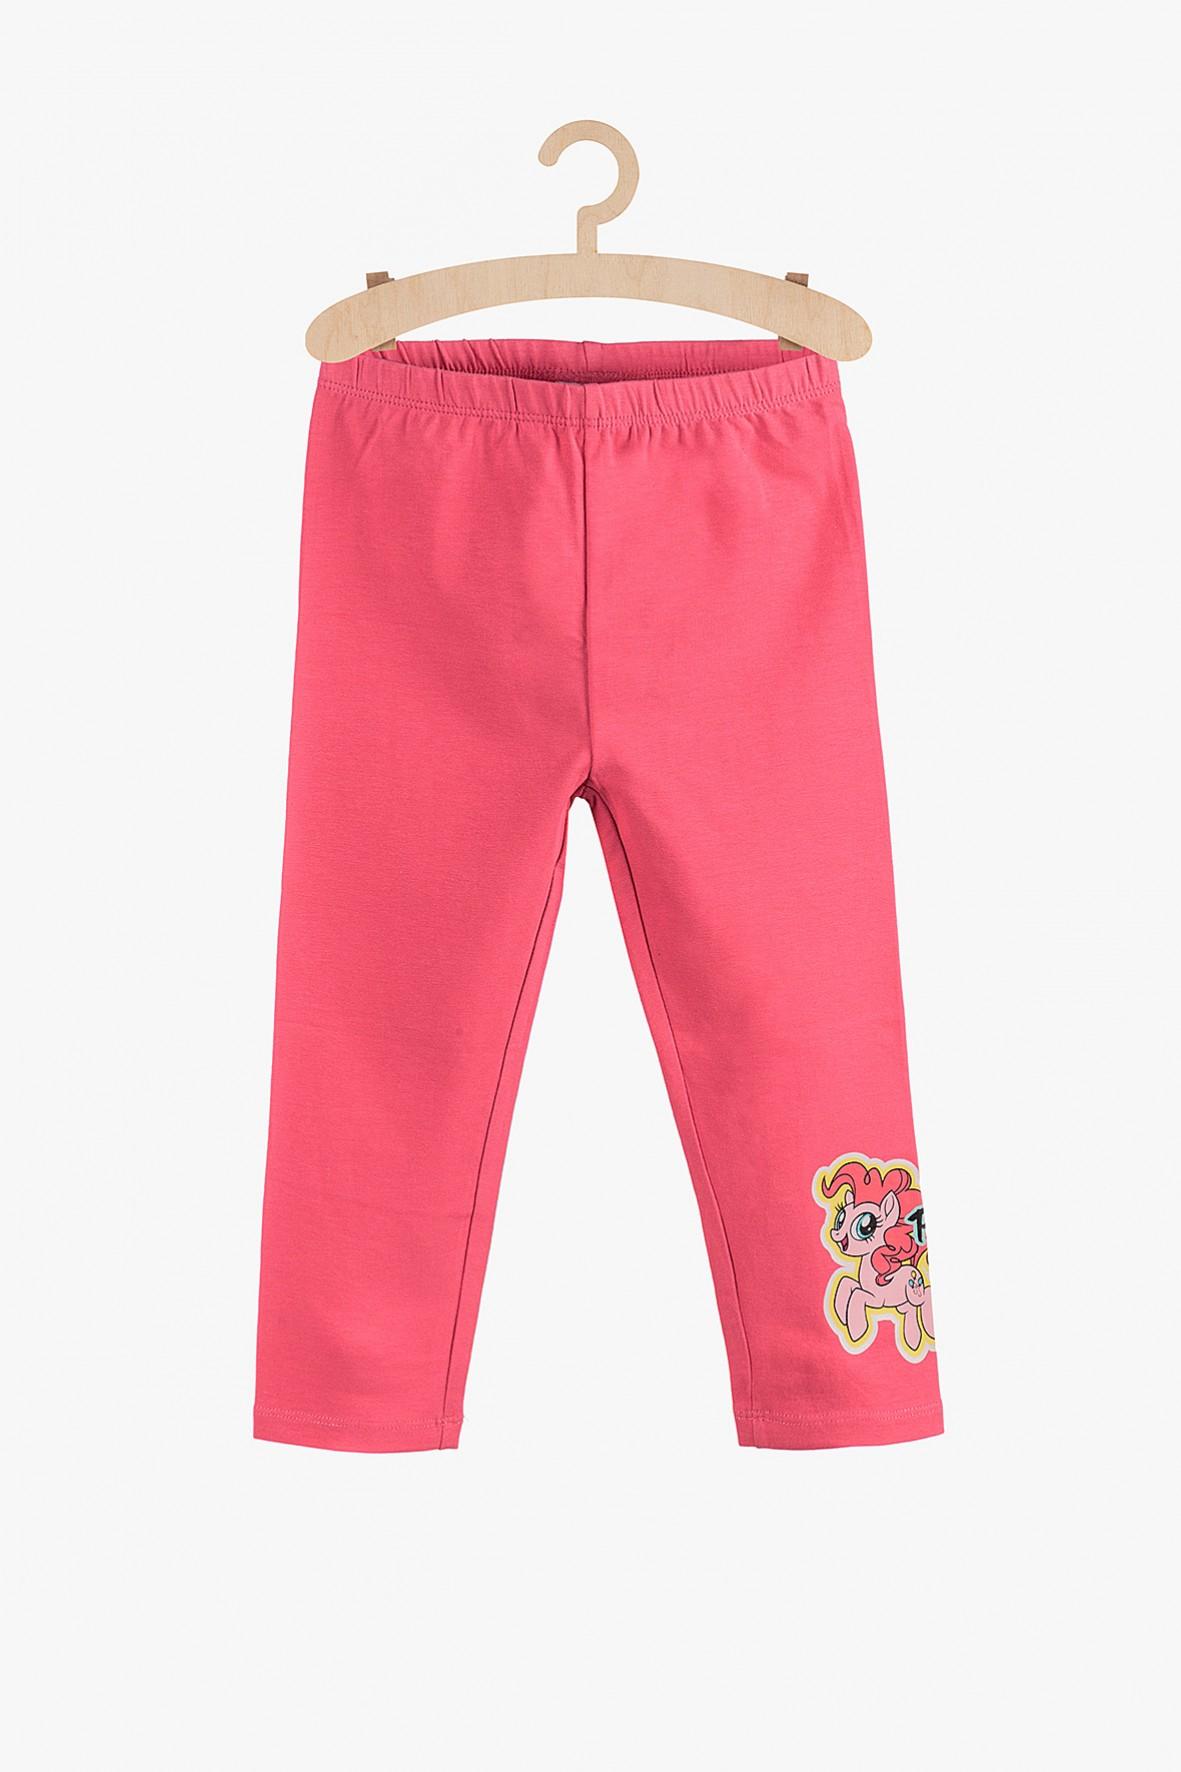 Leginsy dziewczęce My Little Pony- różowe